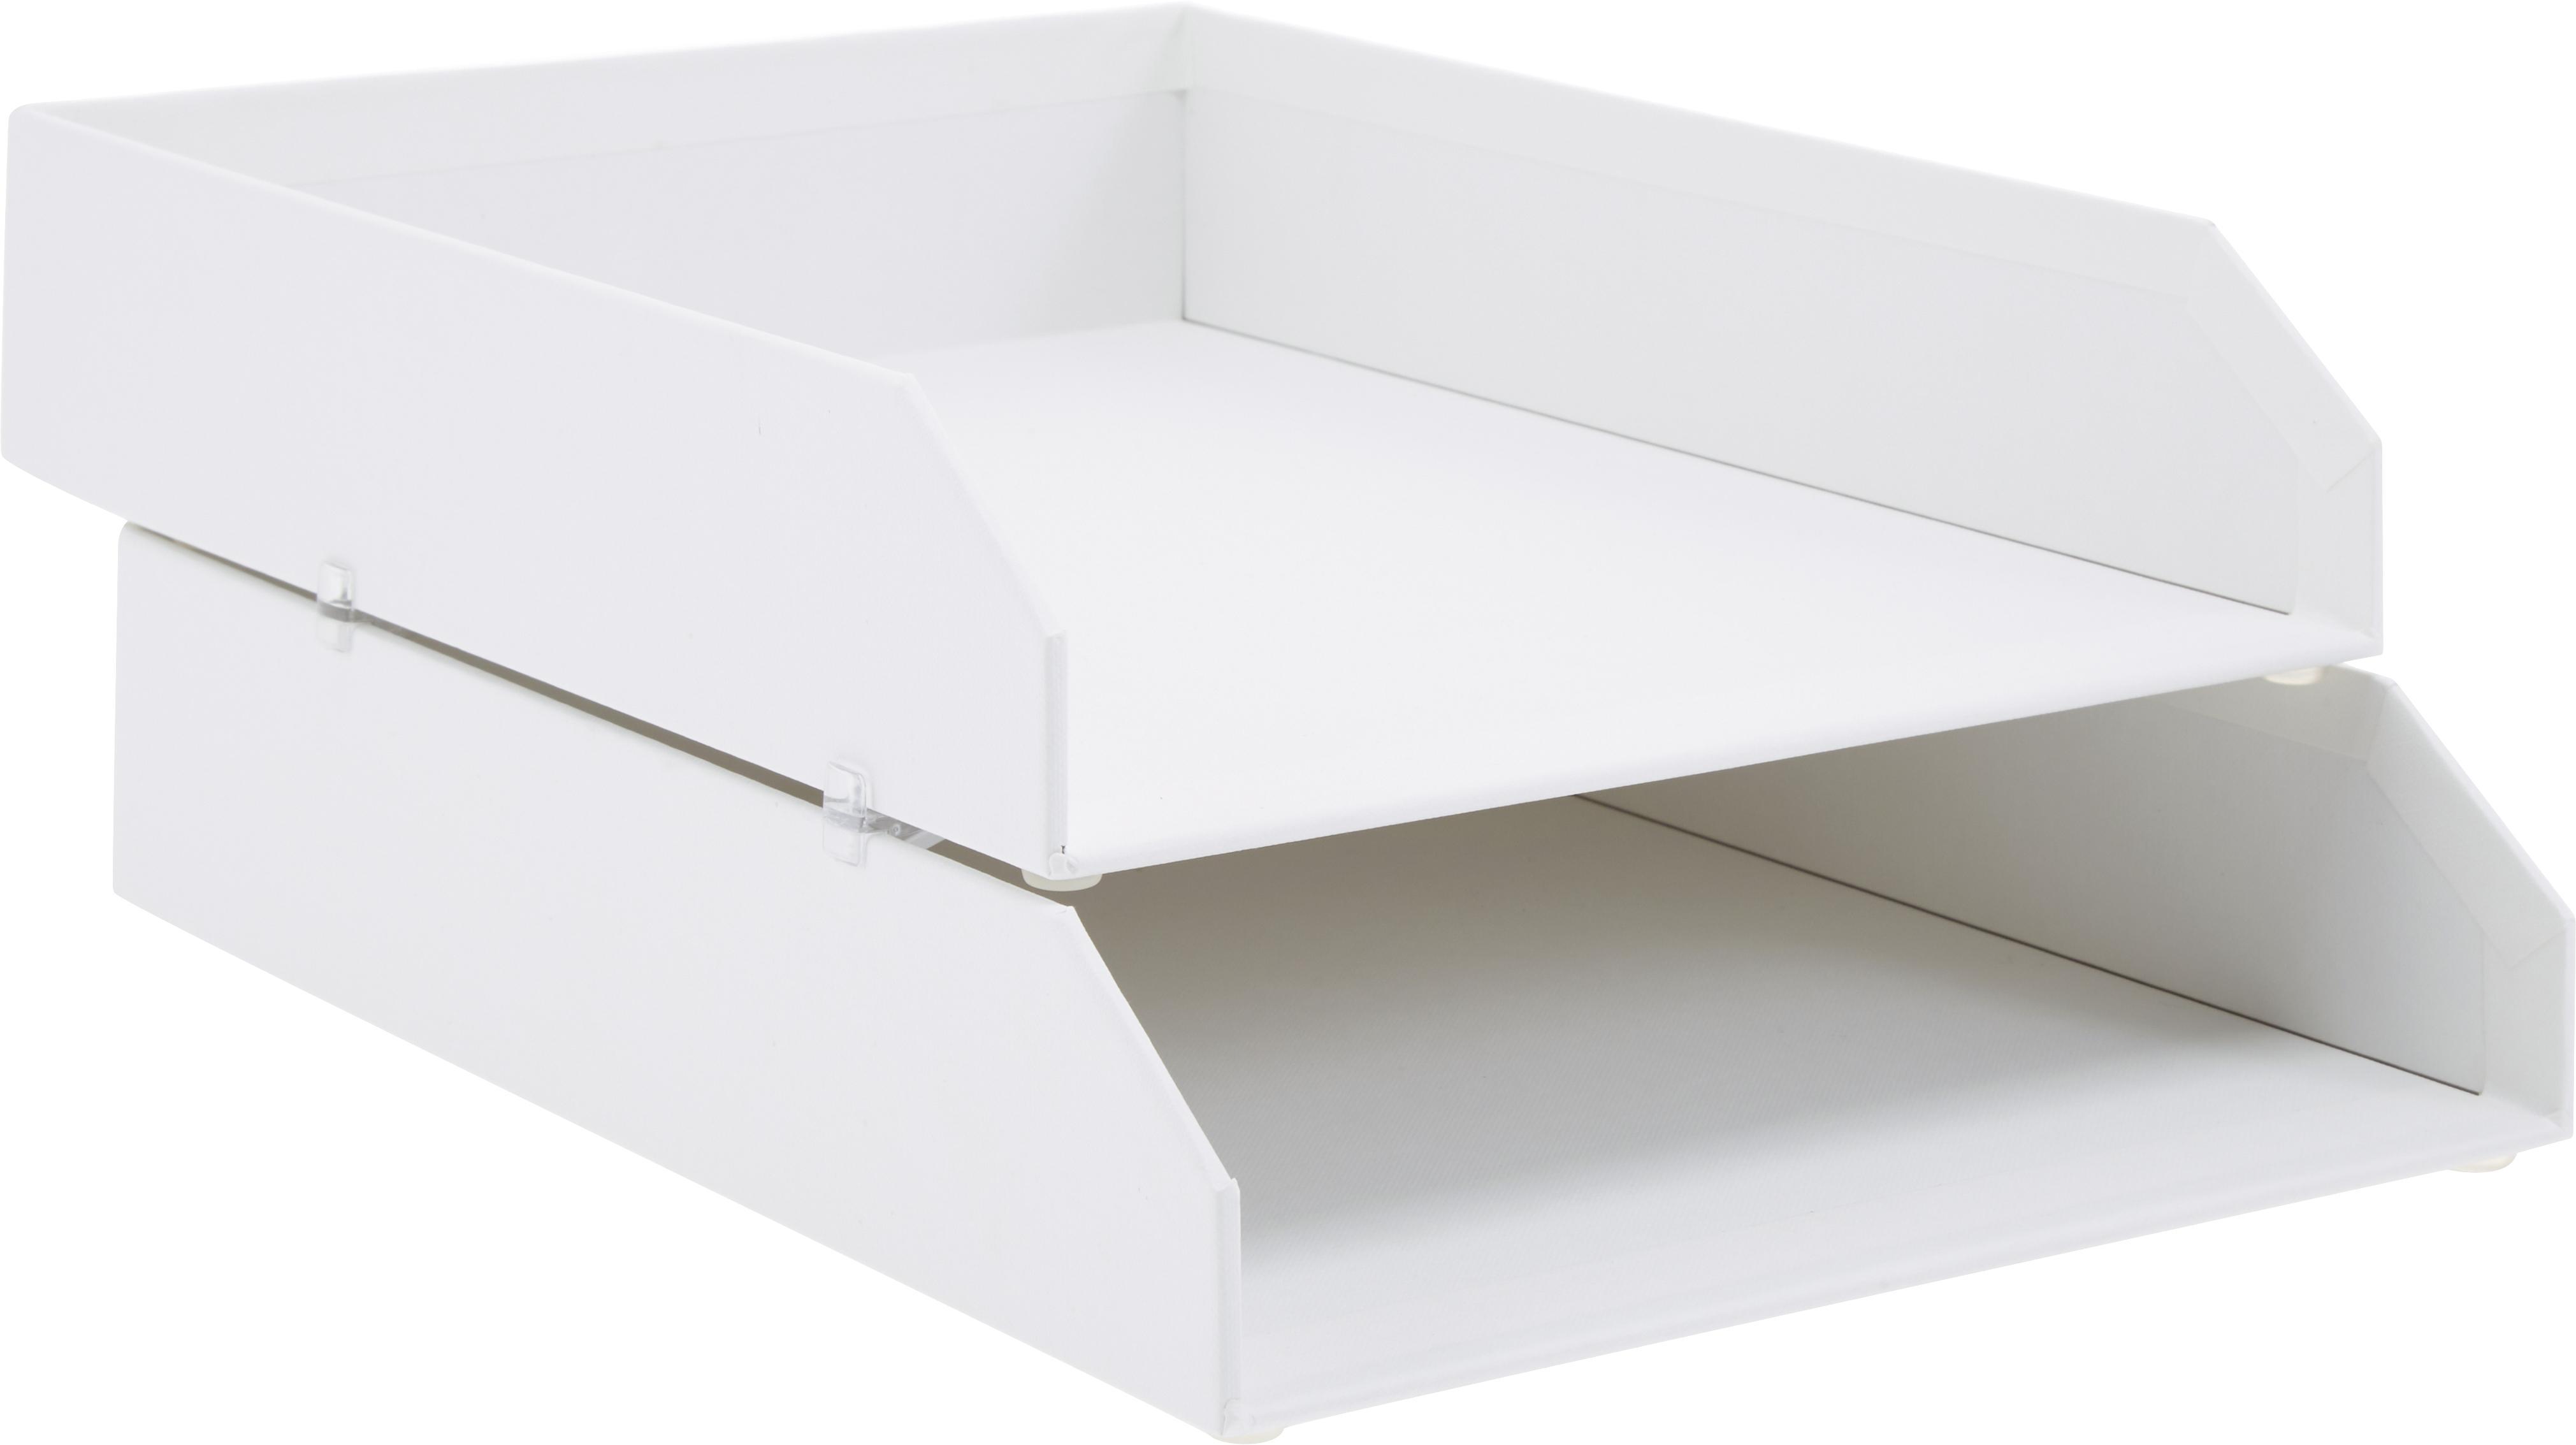 Dokumenten-Ablagen Hakan, 2 Stück, Fester, laminierter Karton, Weiss, B 23 x T 31 cm